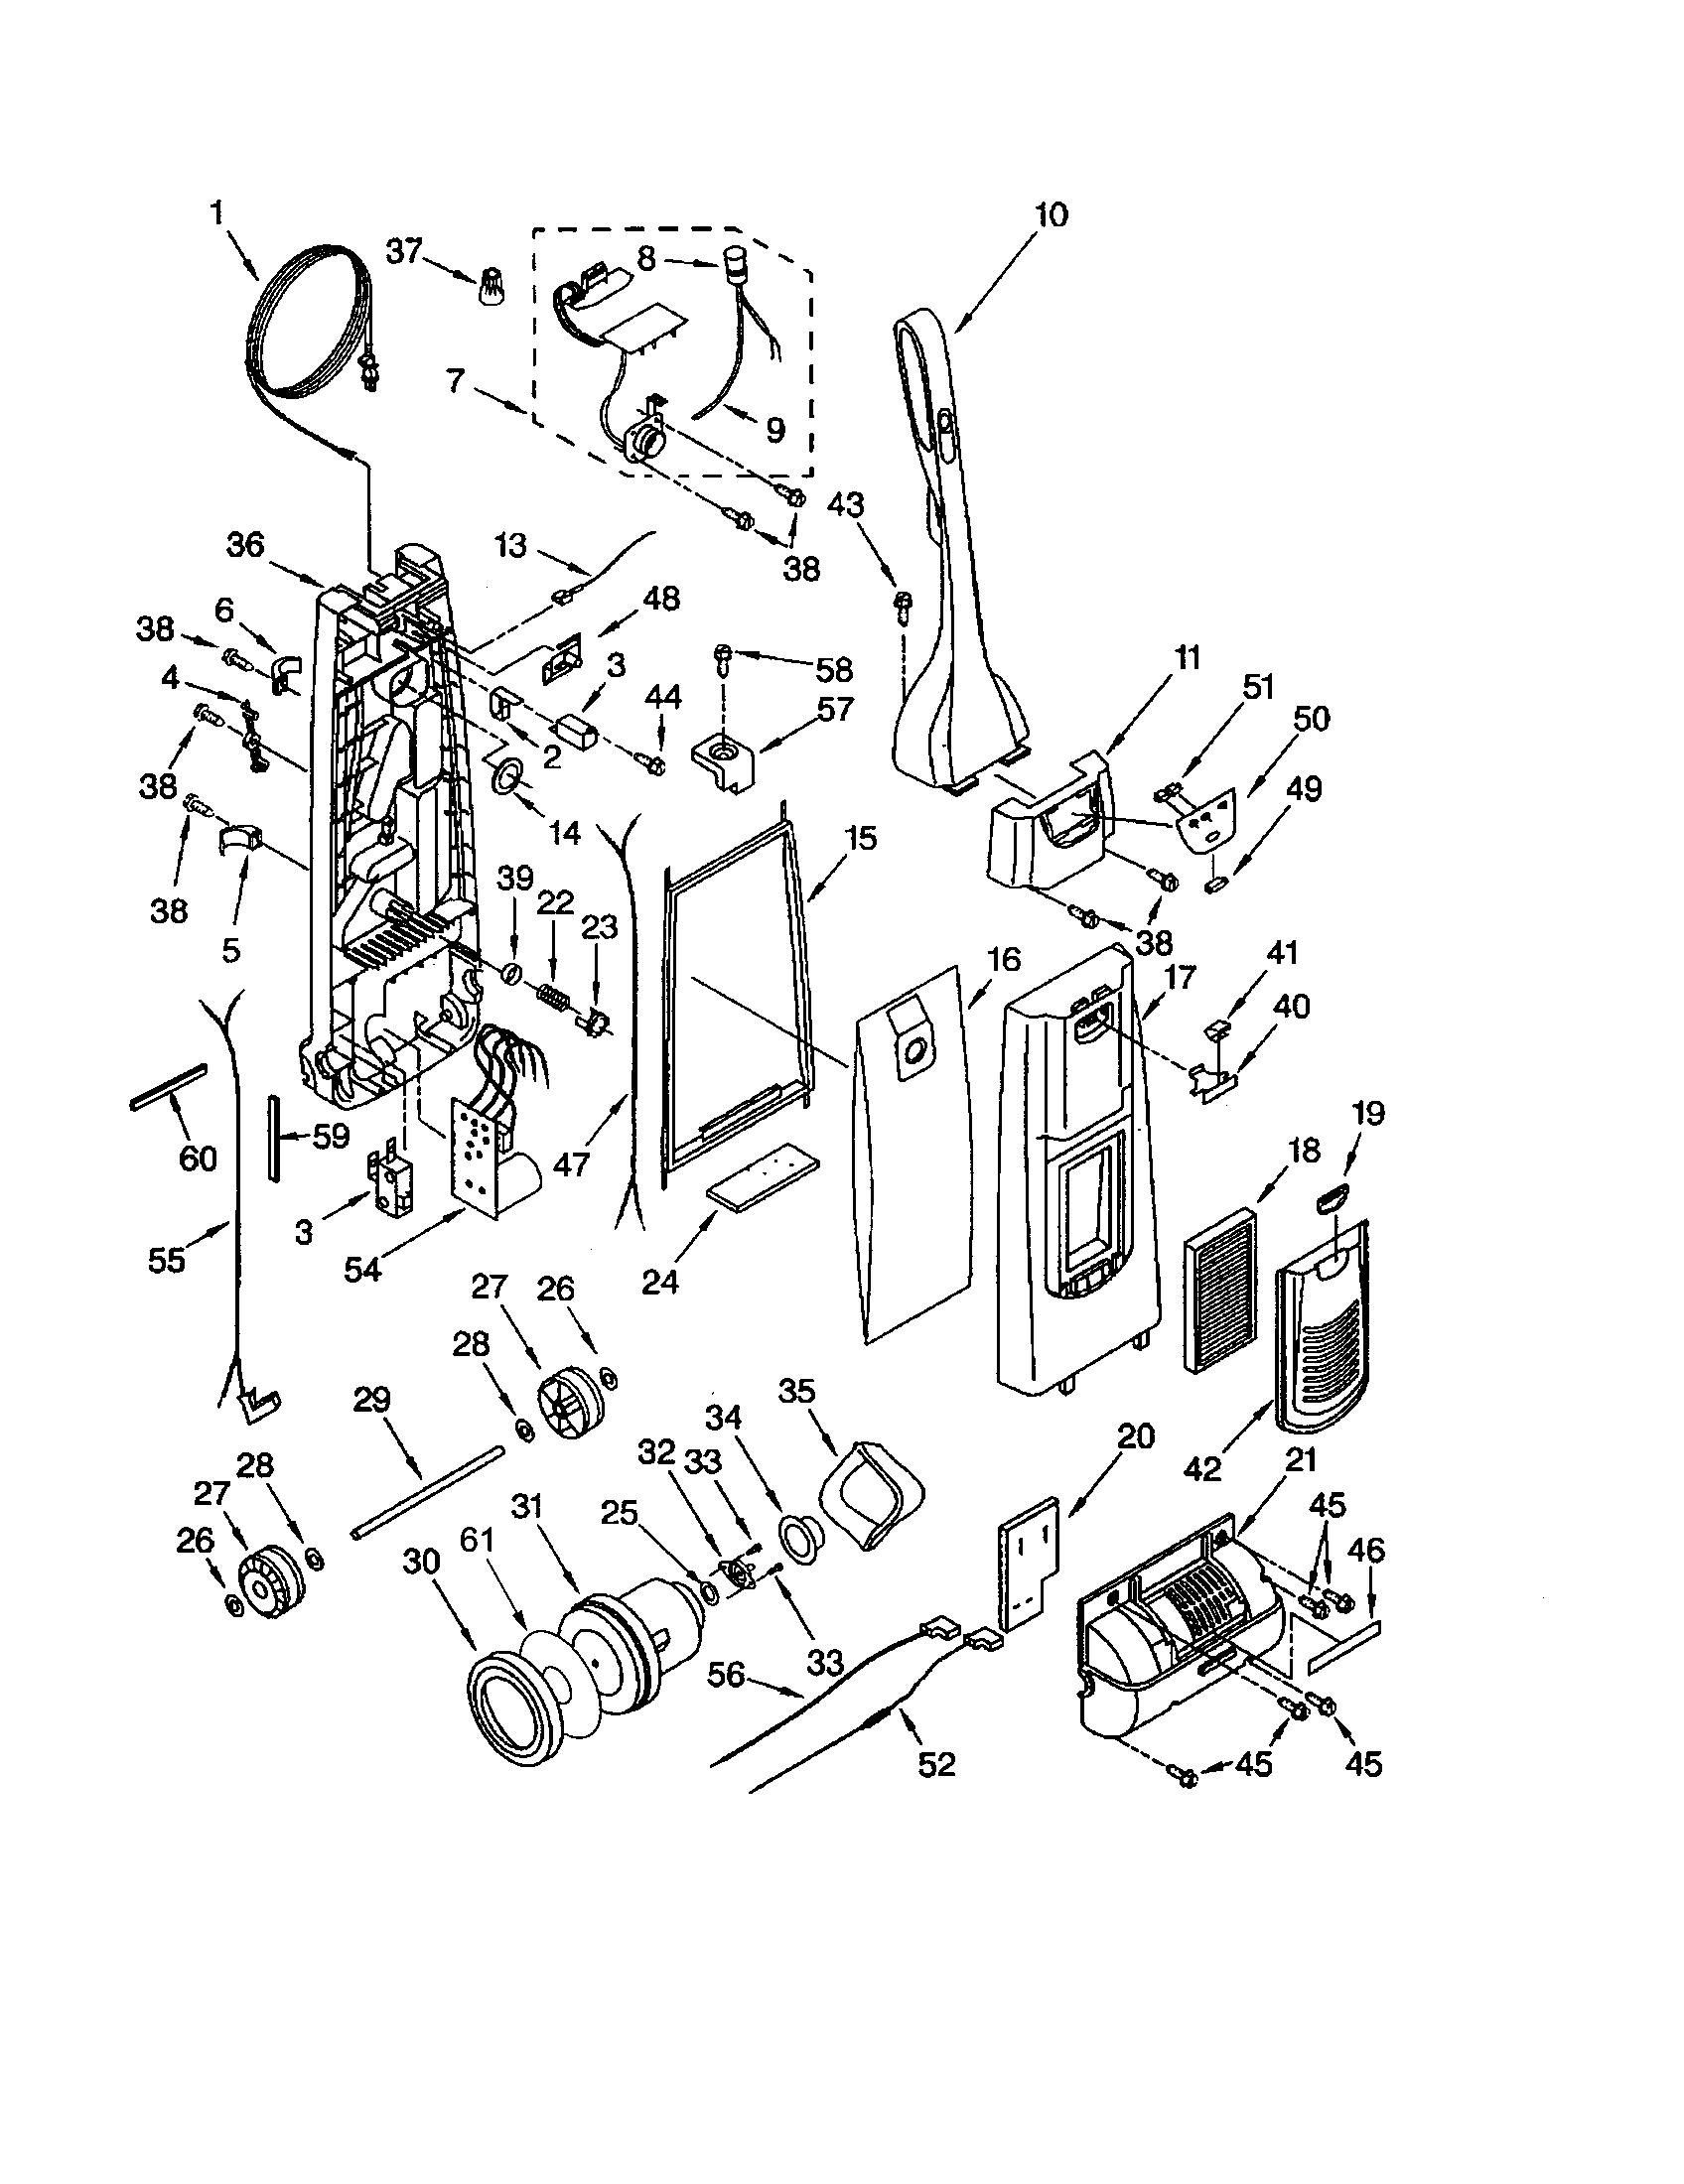 Kenmore elegance vacuum repair manual